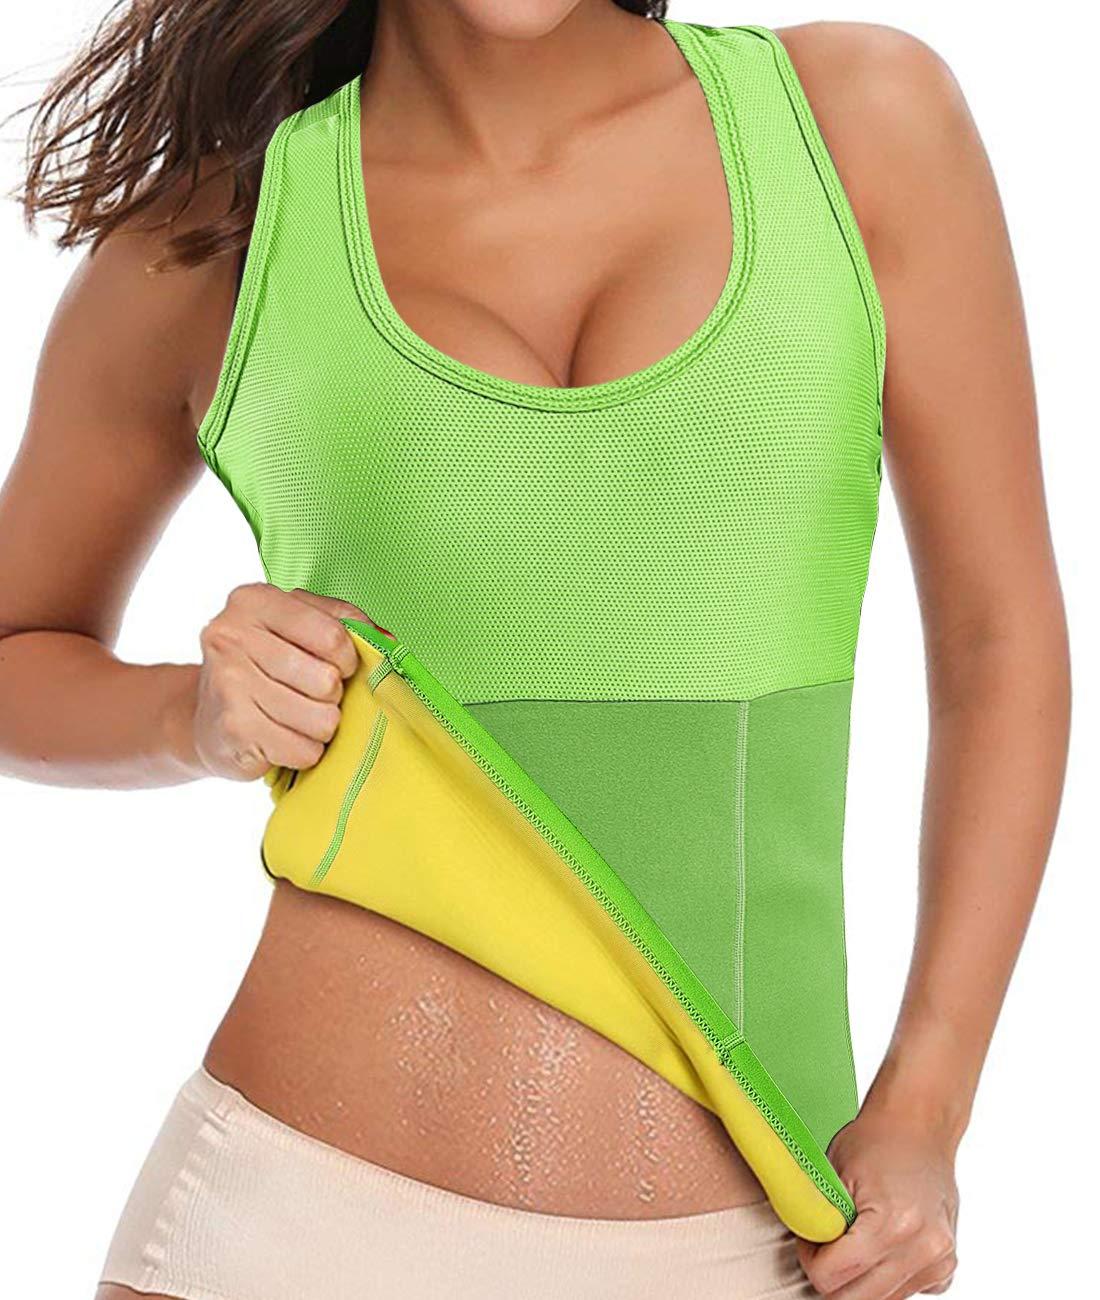 Women Neoprene Hot Sweat Workout Tank Top Sauna Vest Shapewear Body Shaper with Pocket